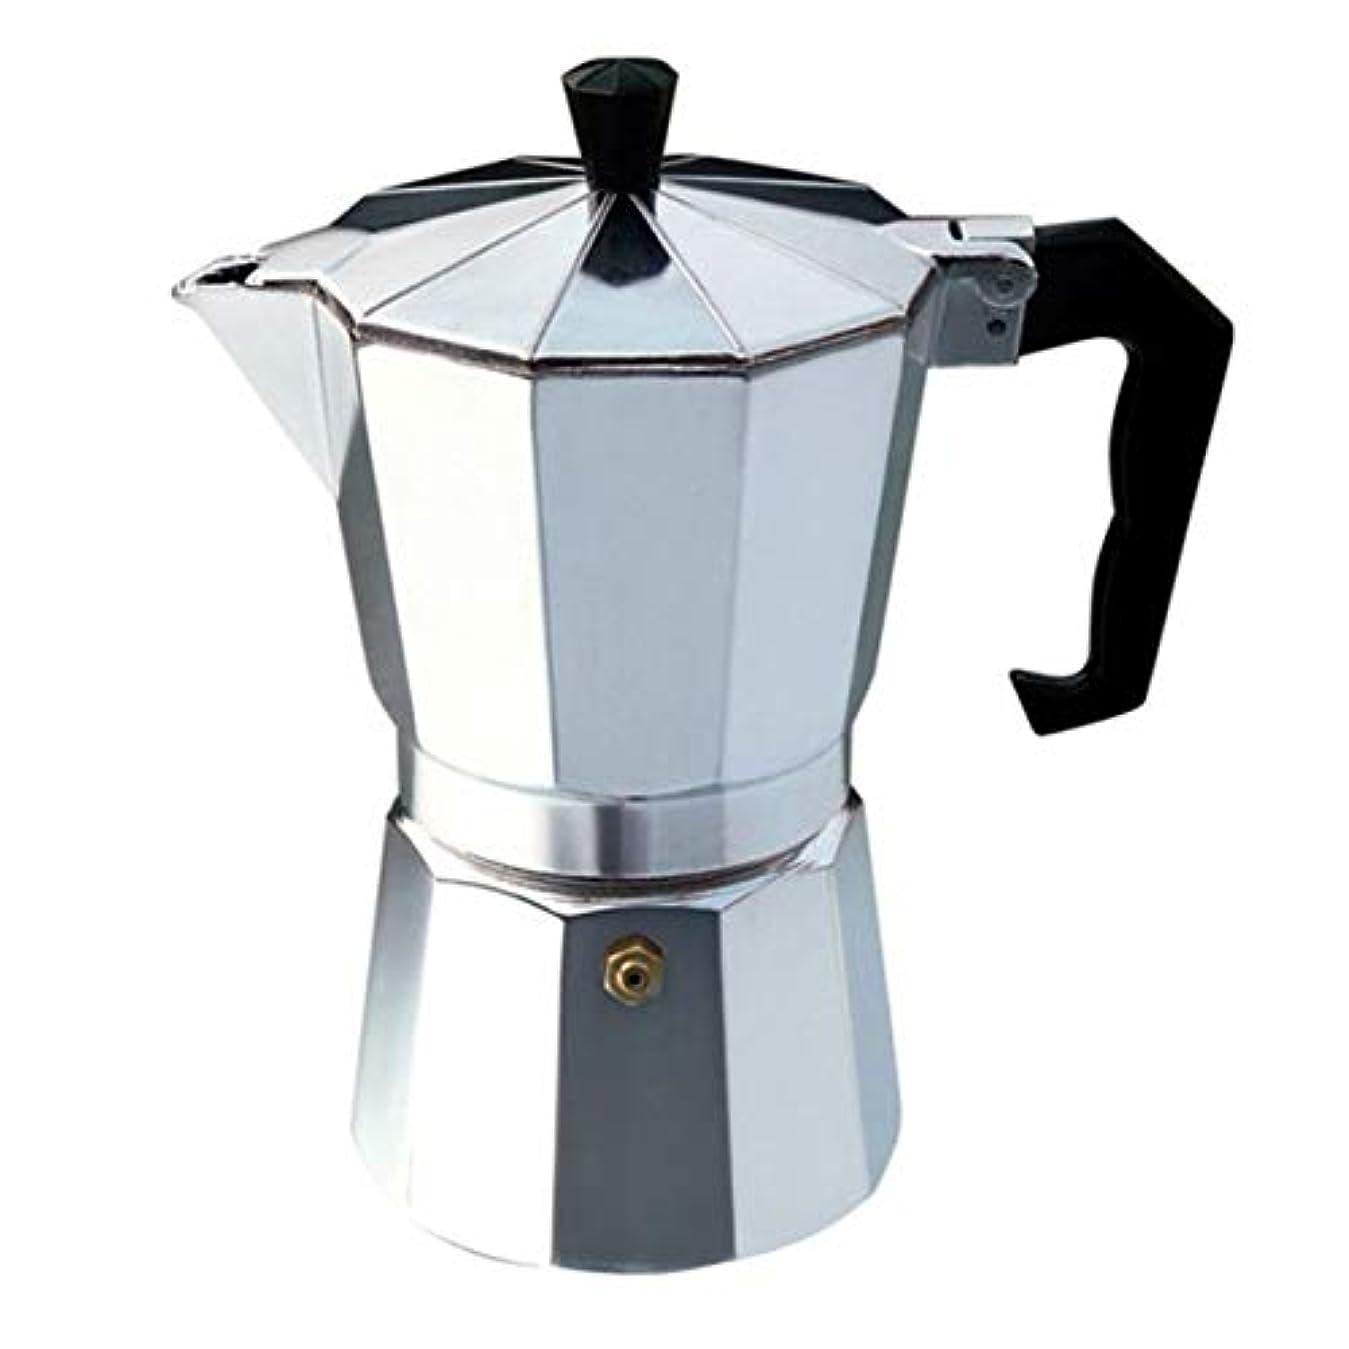 発行耐久母音Saikogoods ナガXuefeiイタリアコーヒーブラックコーヒーモカコーヒー 実用的なギフト 簡単にクリーンアップするためにアルミ真岡鍋 Octangleコーヒーメーカー 銀 6カップ